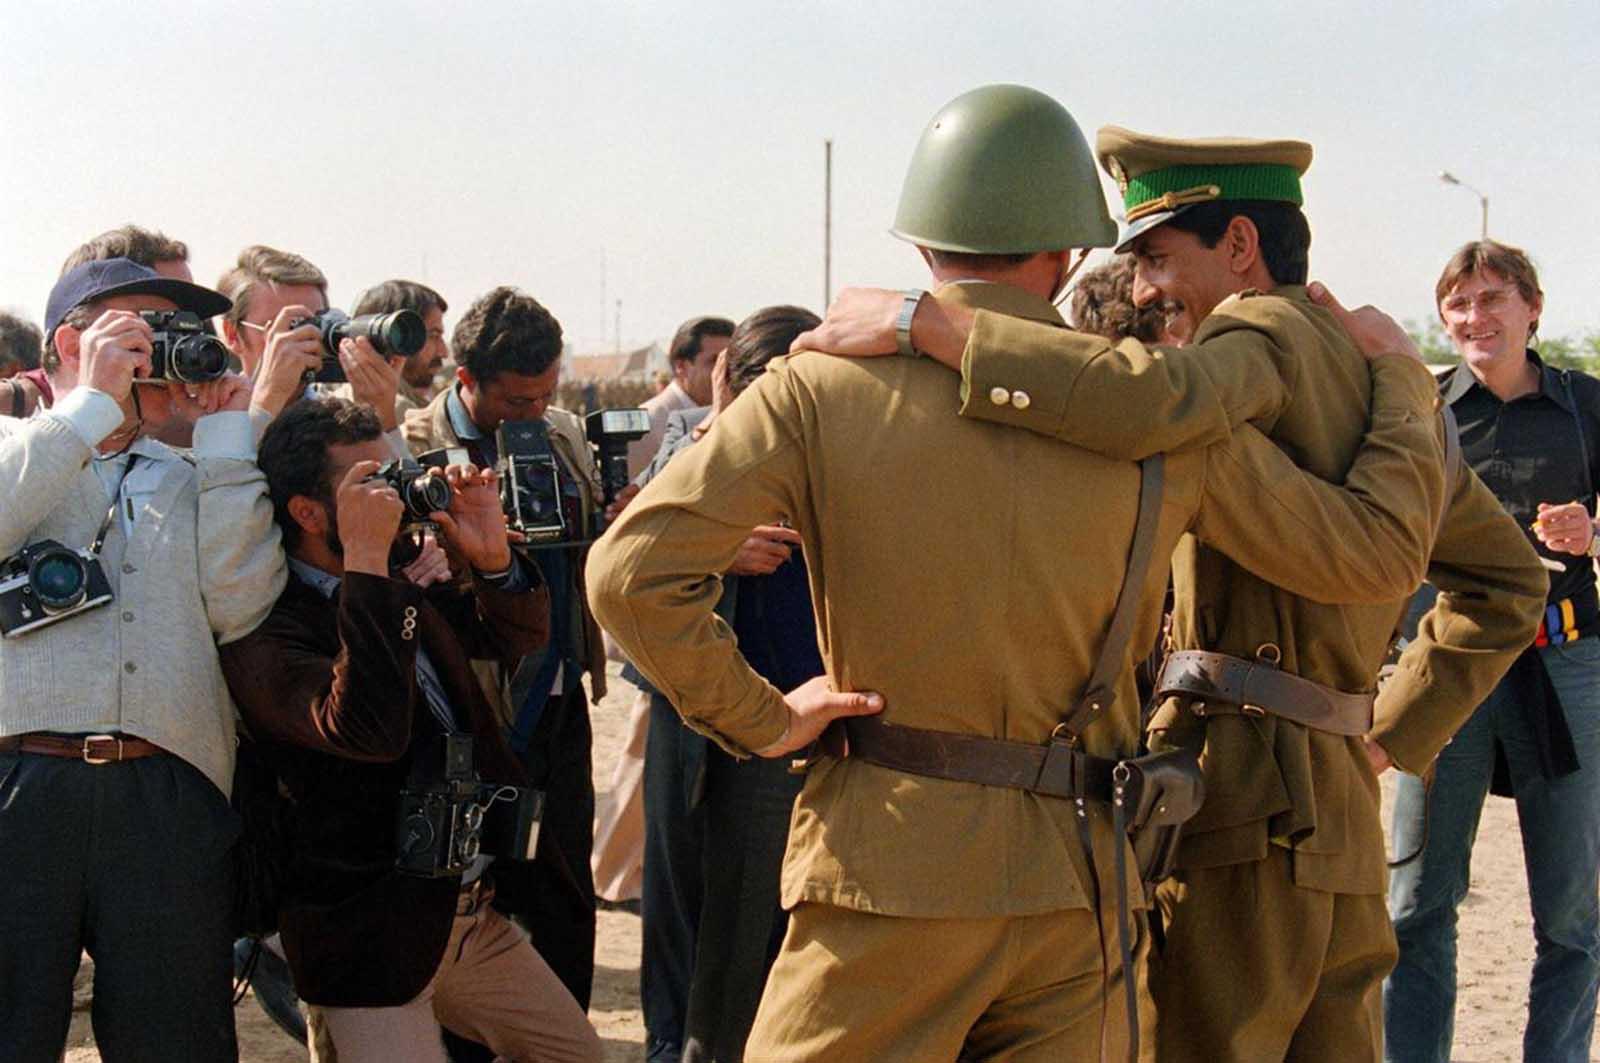 https://cdn.discordapp.com/attachments/308950154222895104/484022981446598656/Afghan_Officer__Soviet_Soldier_1986.jpg